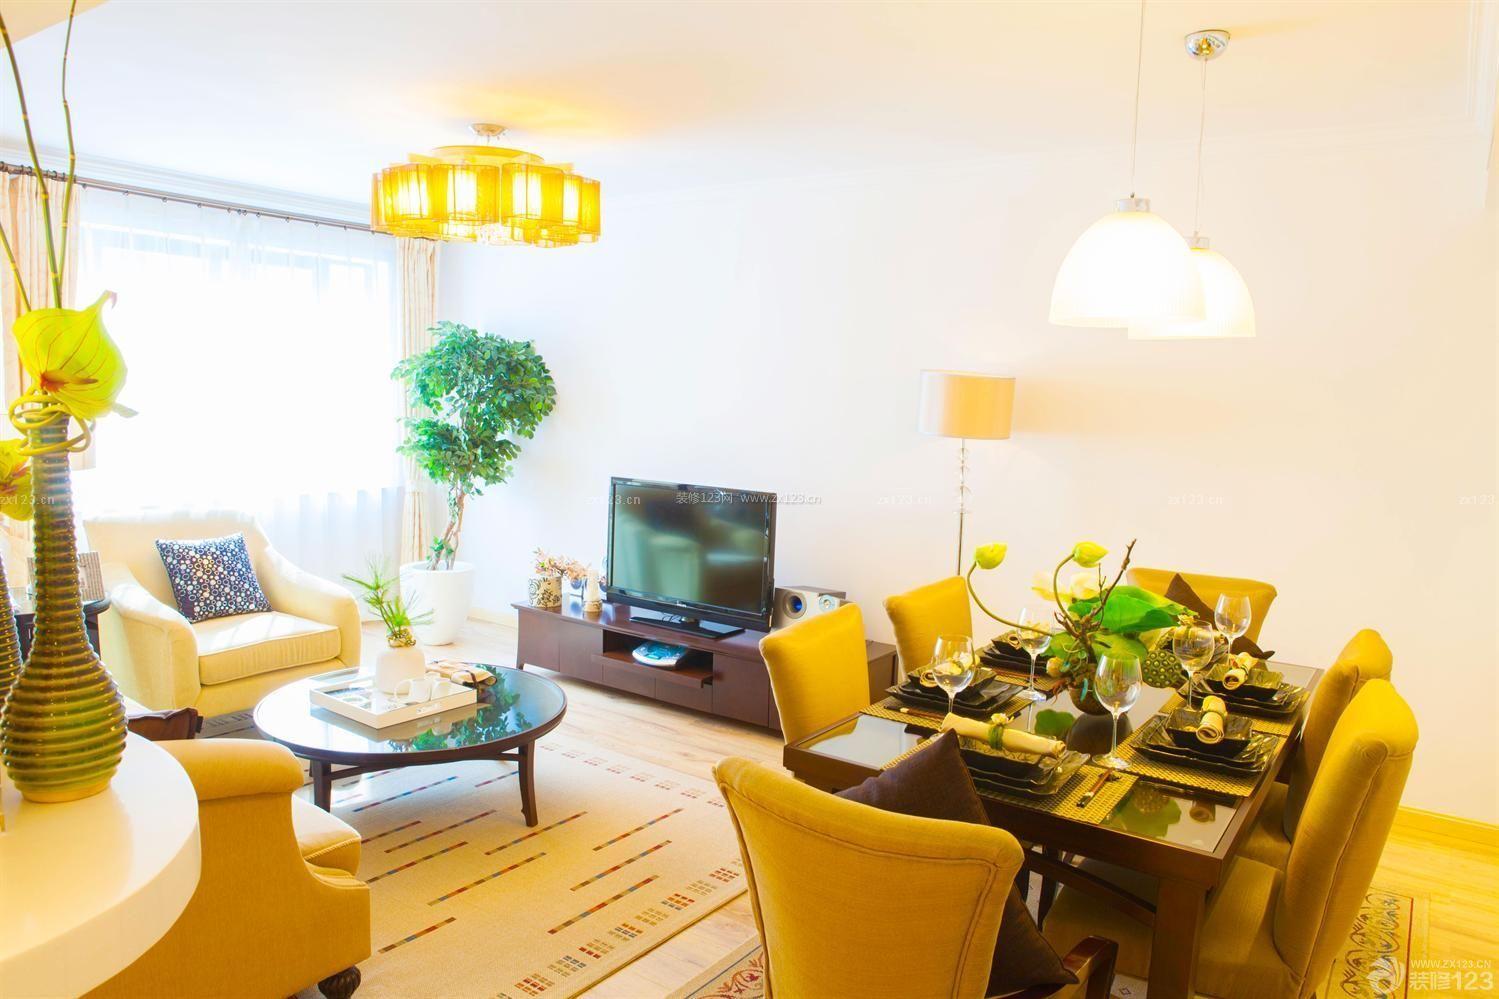 田园风格小户型酒店式公寓设计图